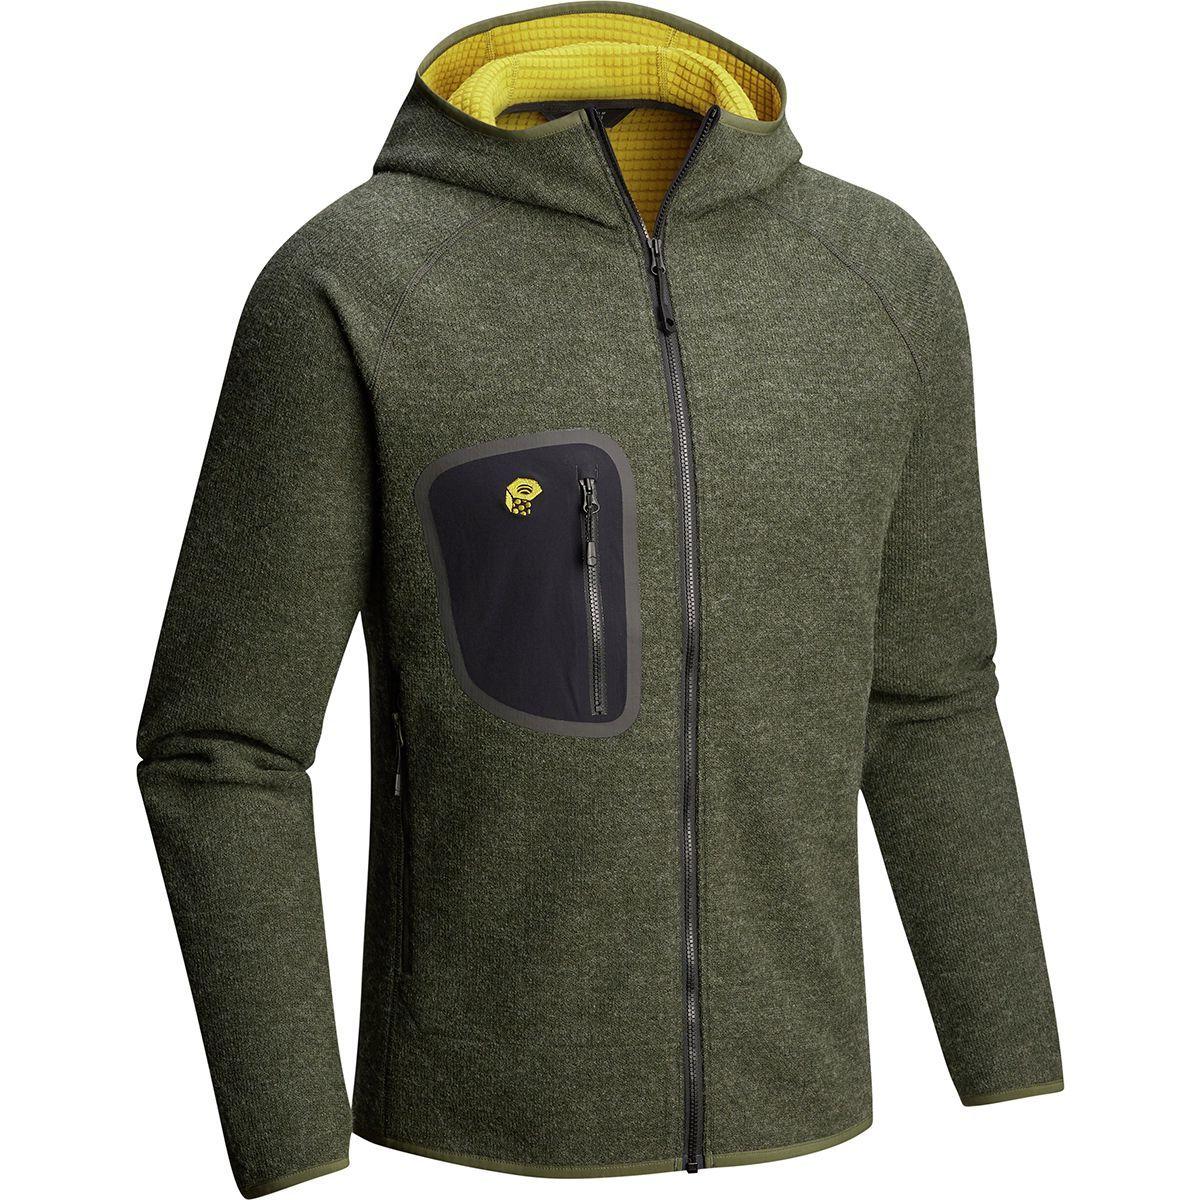 Mountain Hardwear Hatcher Full-Zip Hooded Jacket - Men's